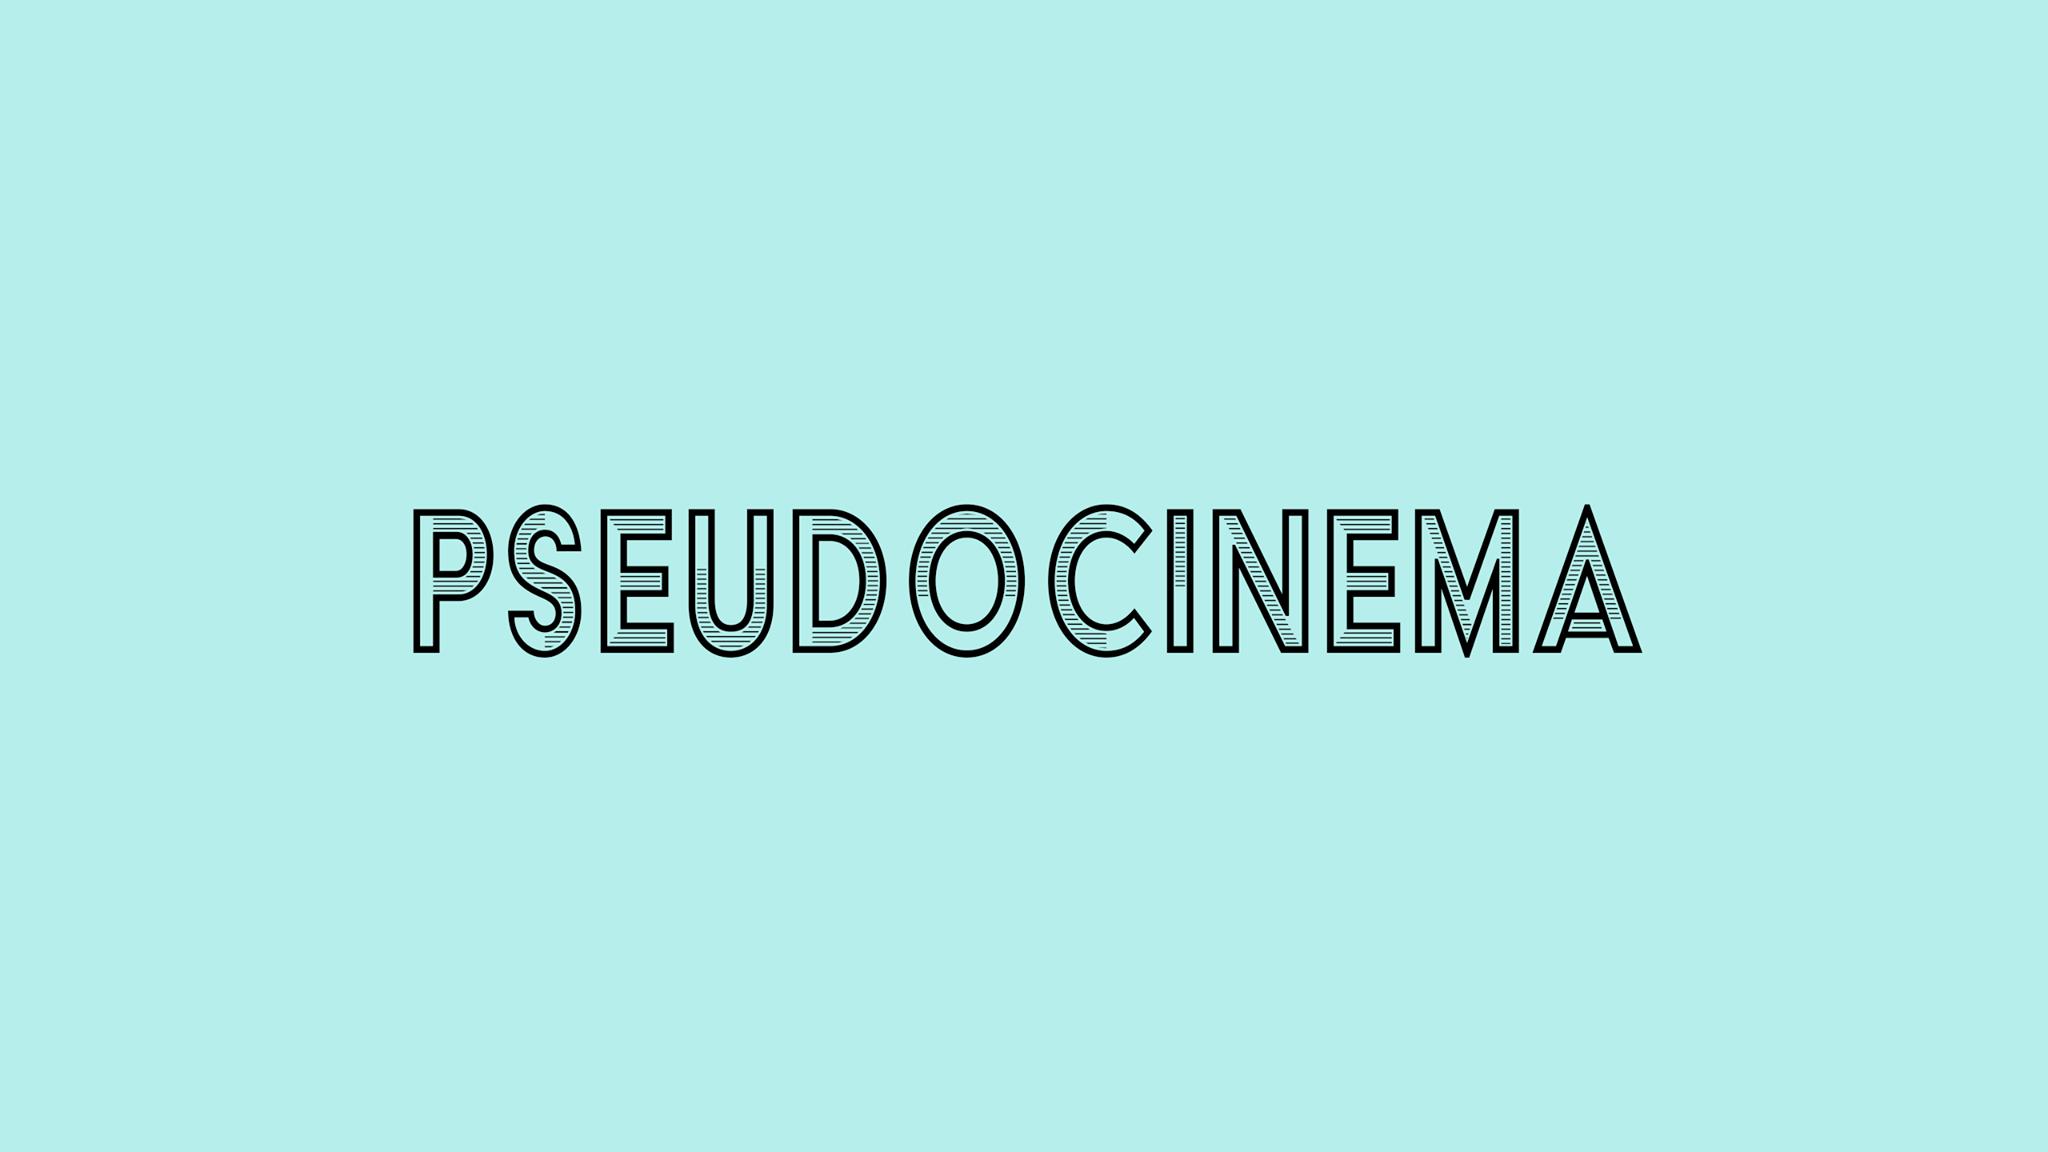 pseudocinemalogo